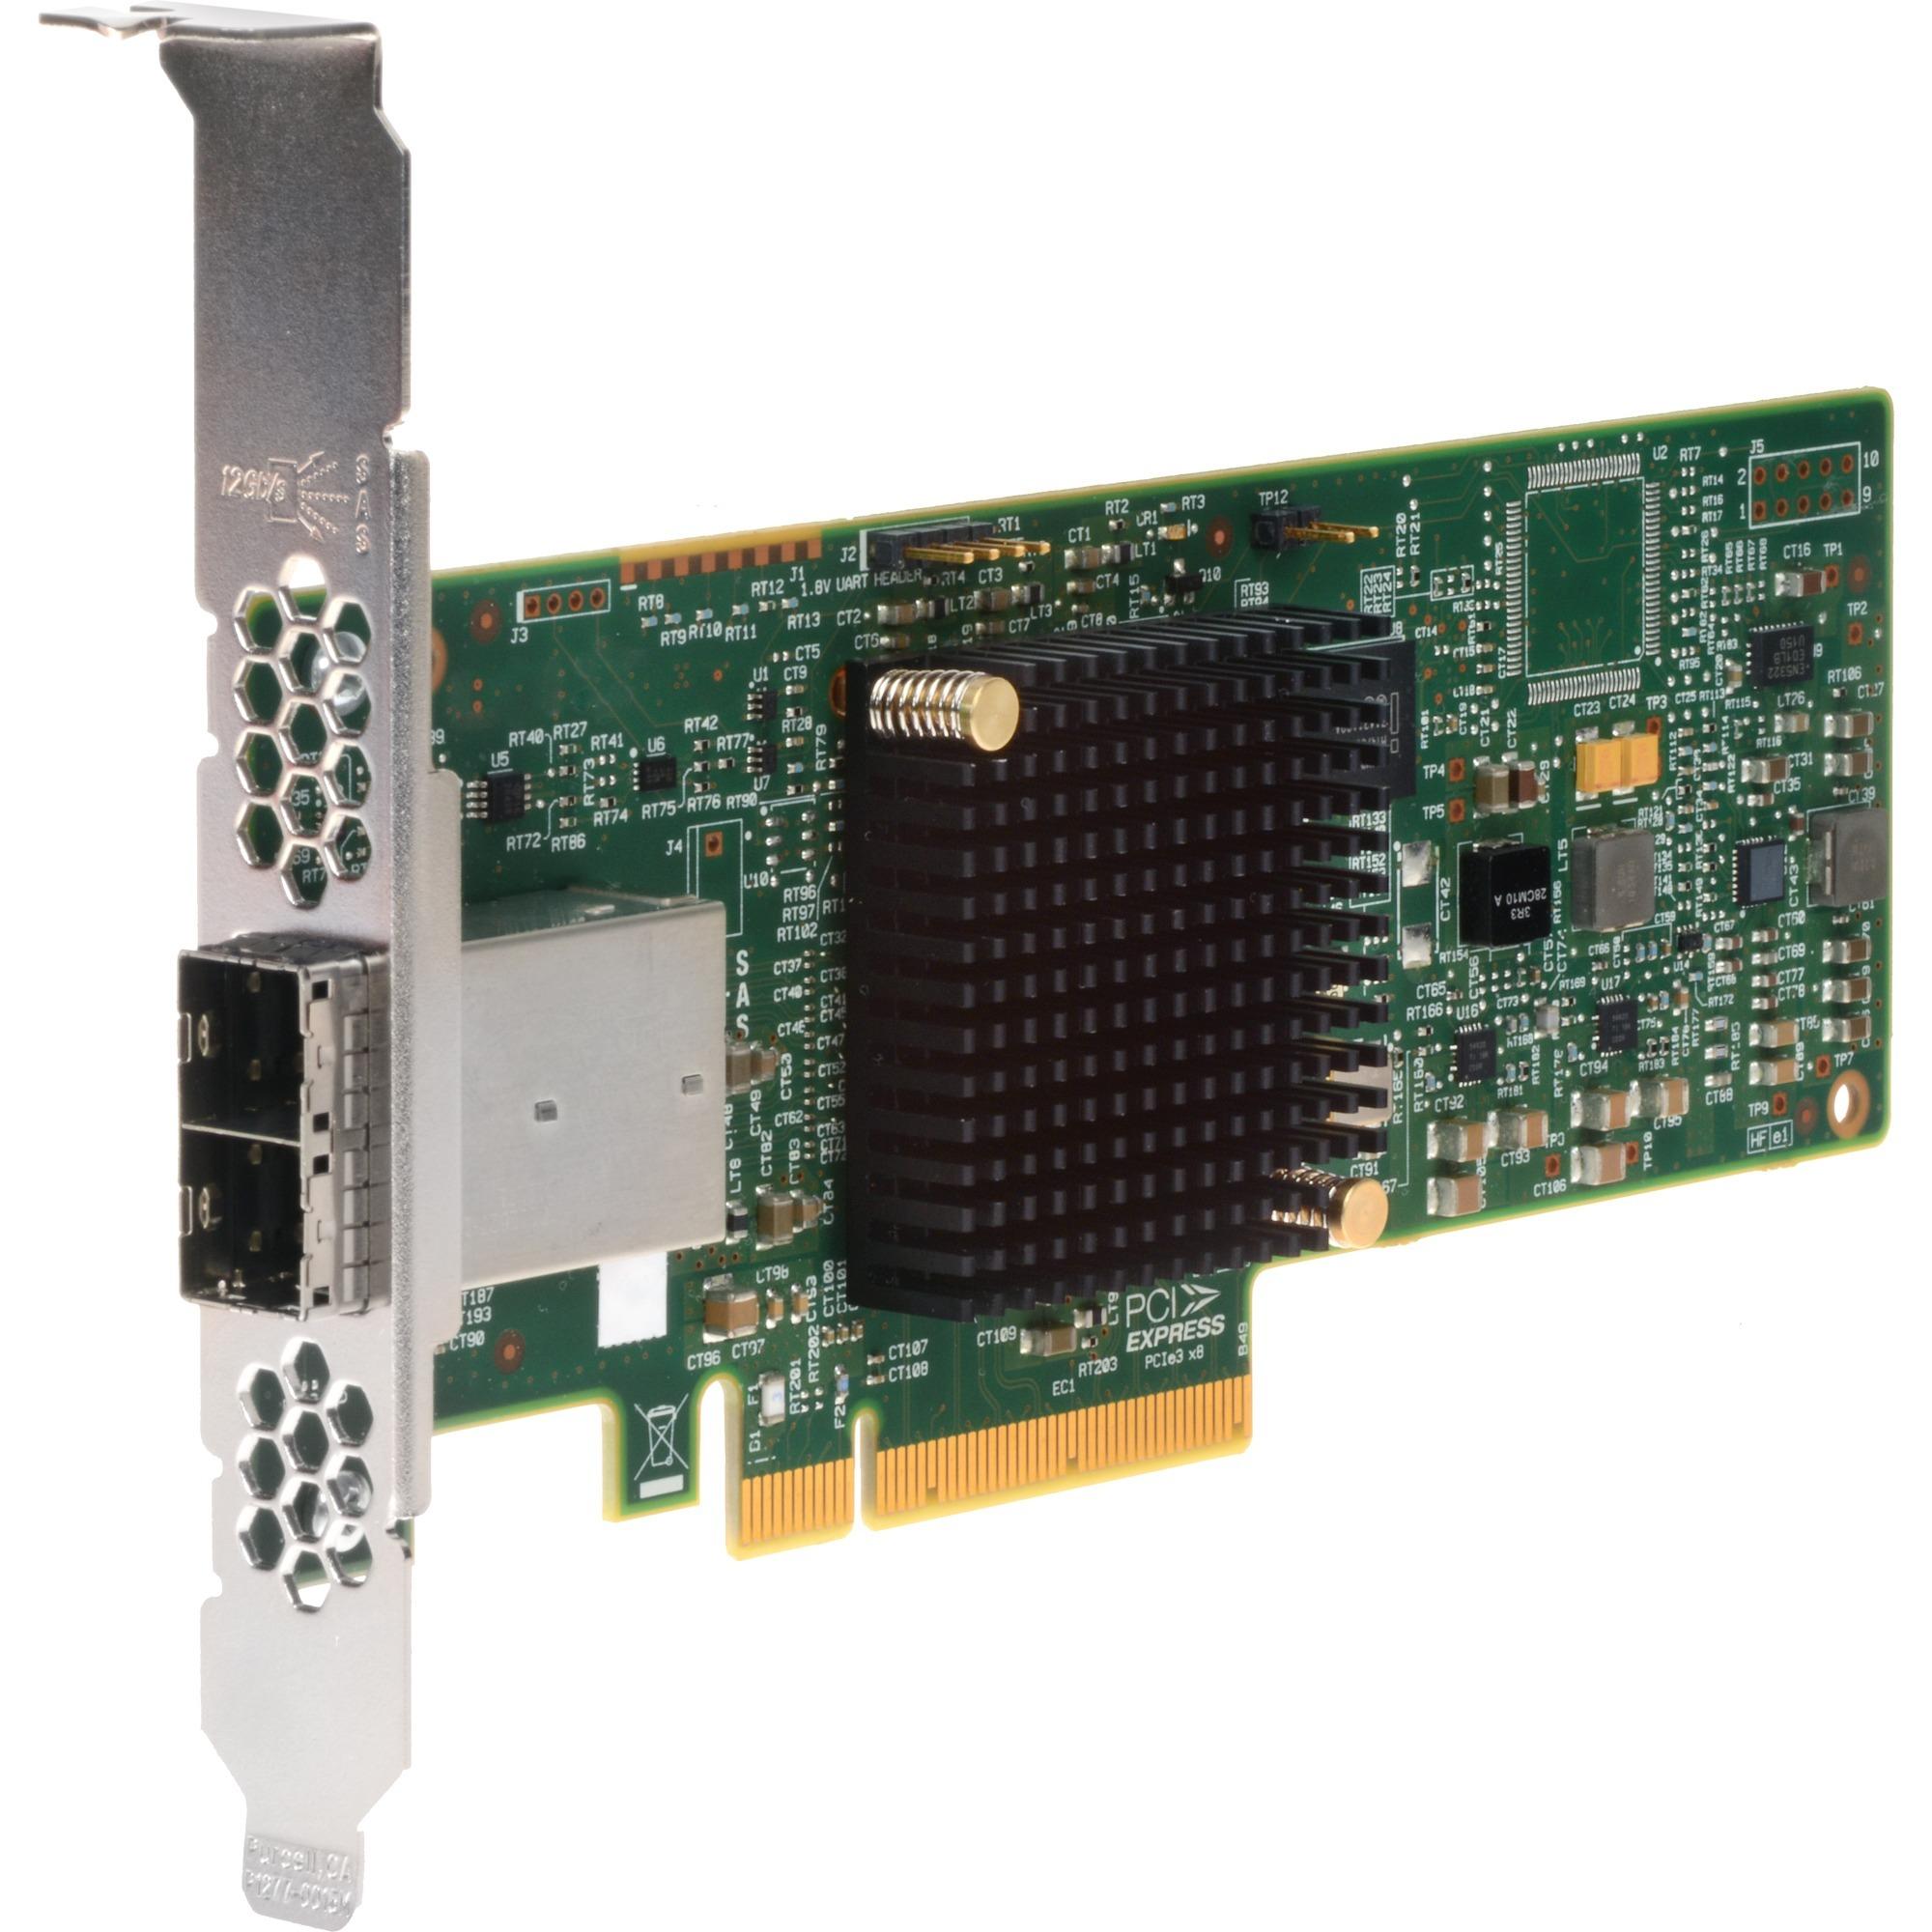 SAS 9300-8e tarjeta y adaptador de interfaz mini SAS Interno, Controlador